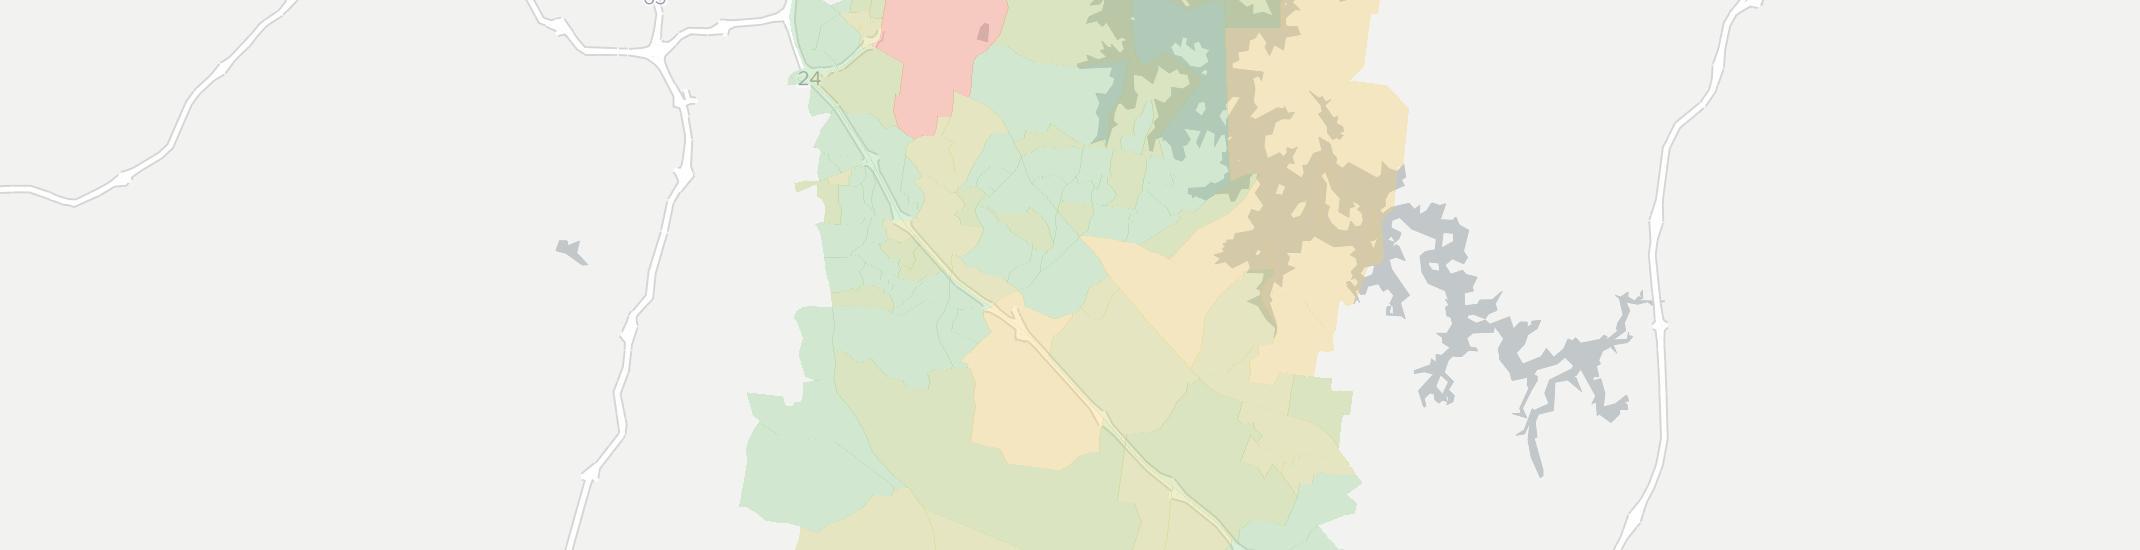 Internet Providers in Antioch, TN: Compare 17 Providers